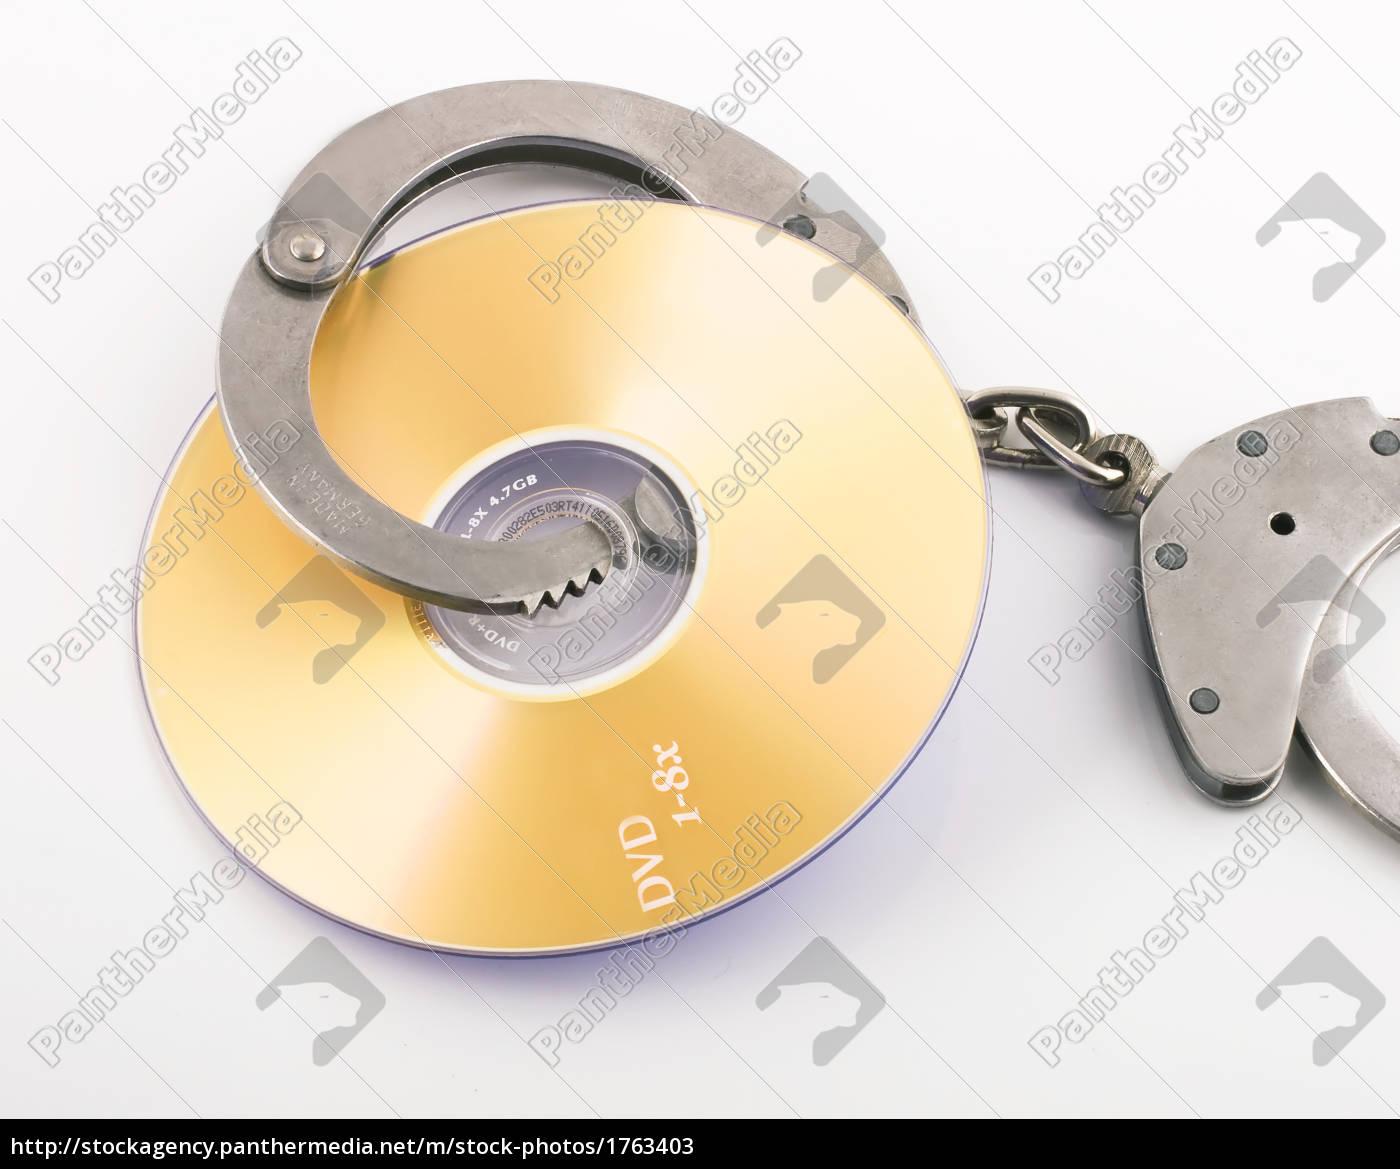 piracy - 1763403